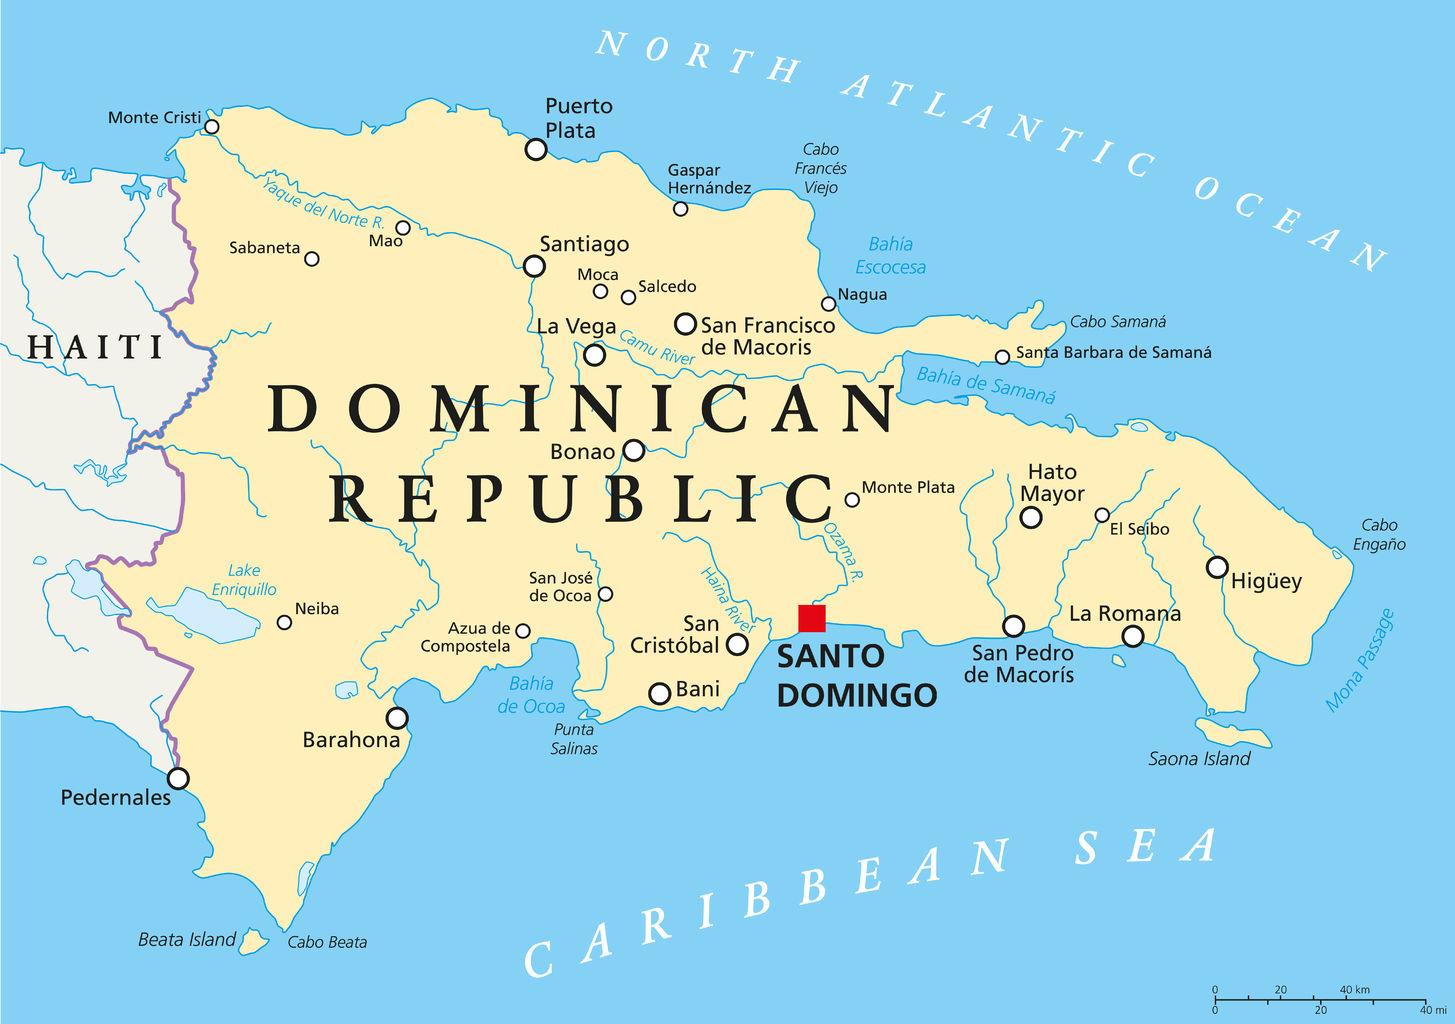 DominicanRepublic-map_123RF38616560_ml